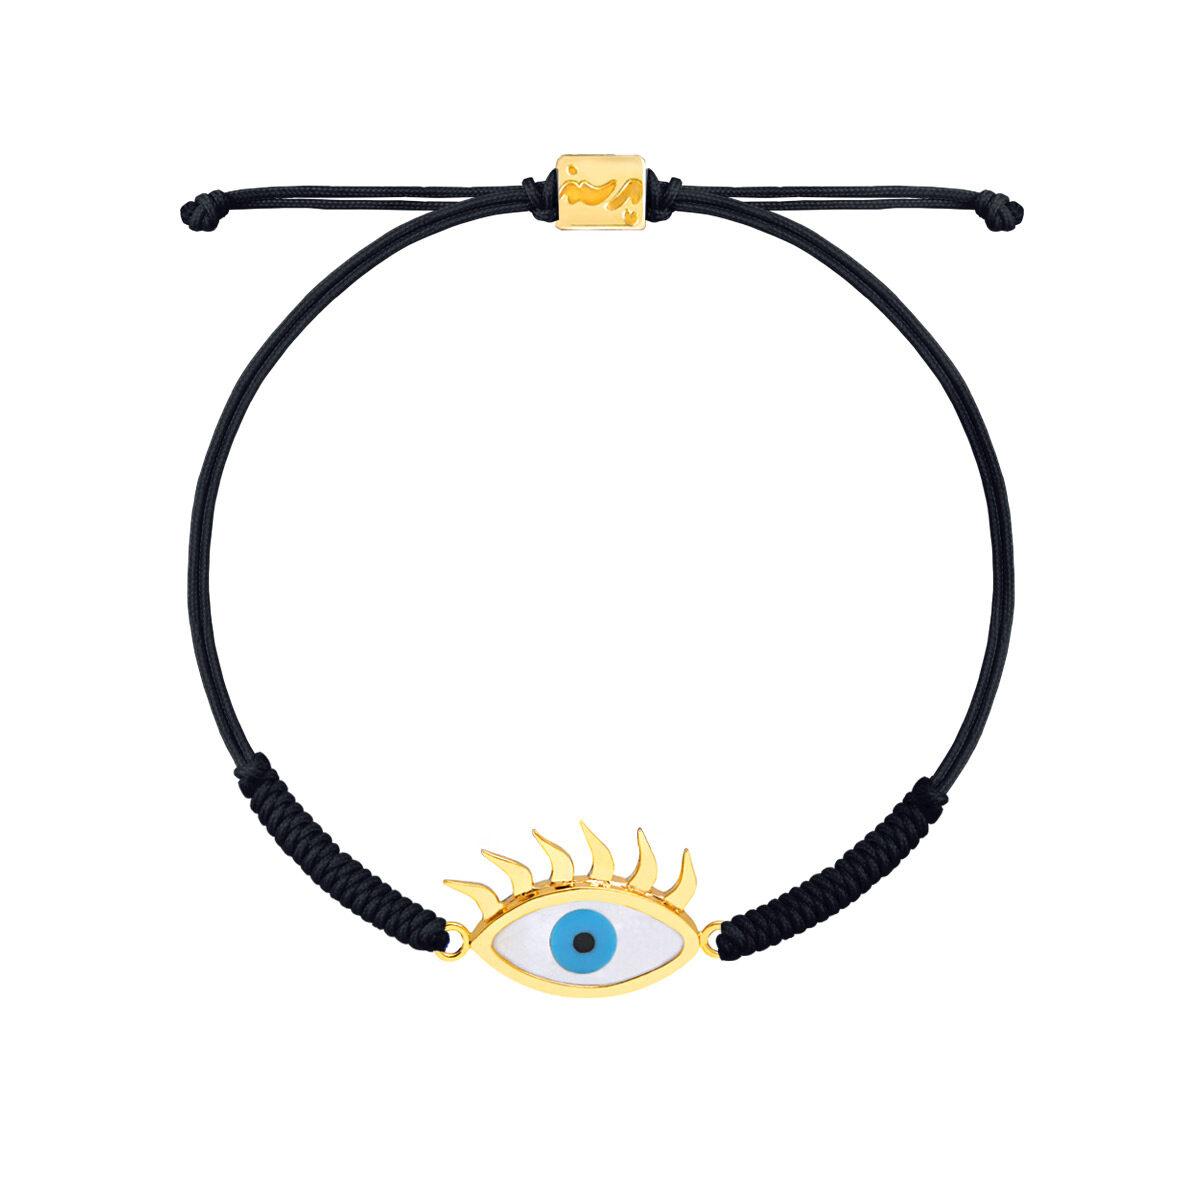 دستبند طلا بافت مکرمه مشکی چشم مژه دار